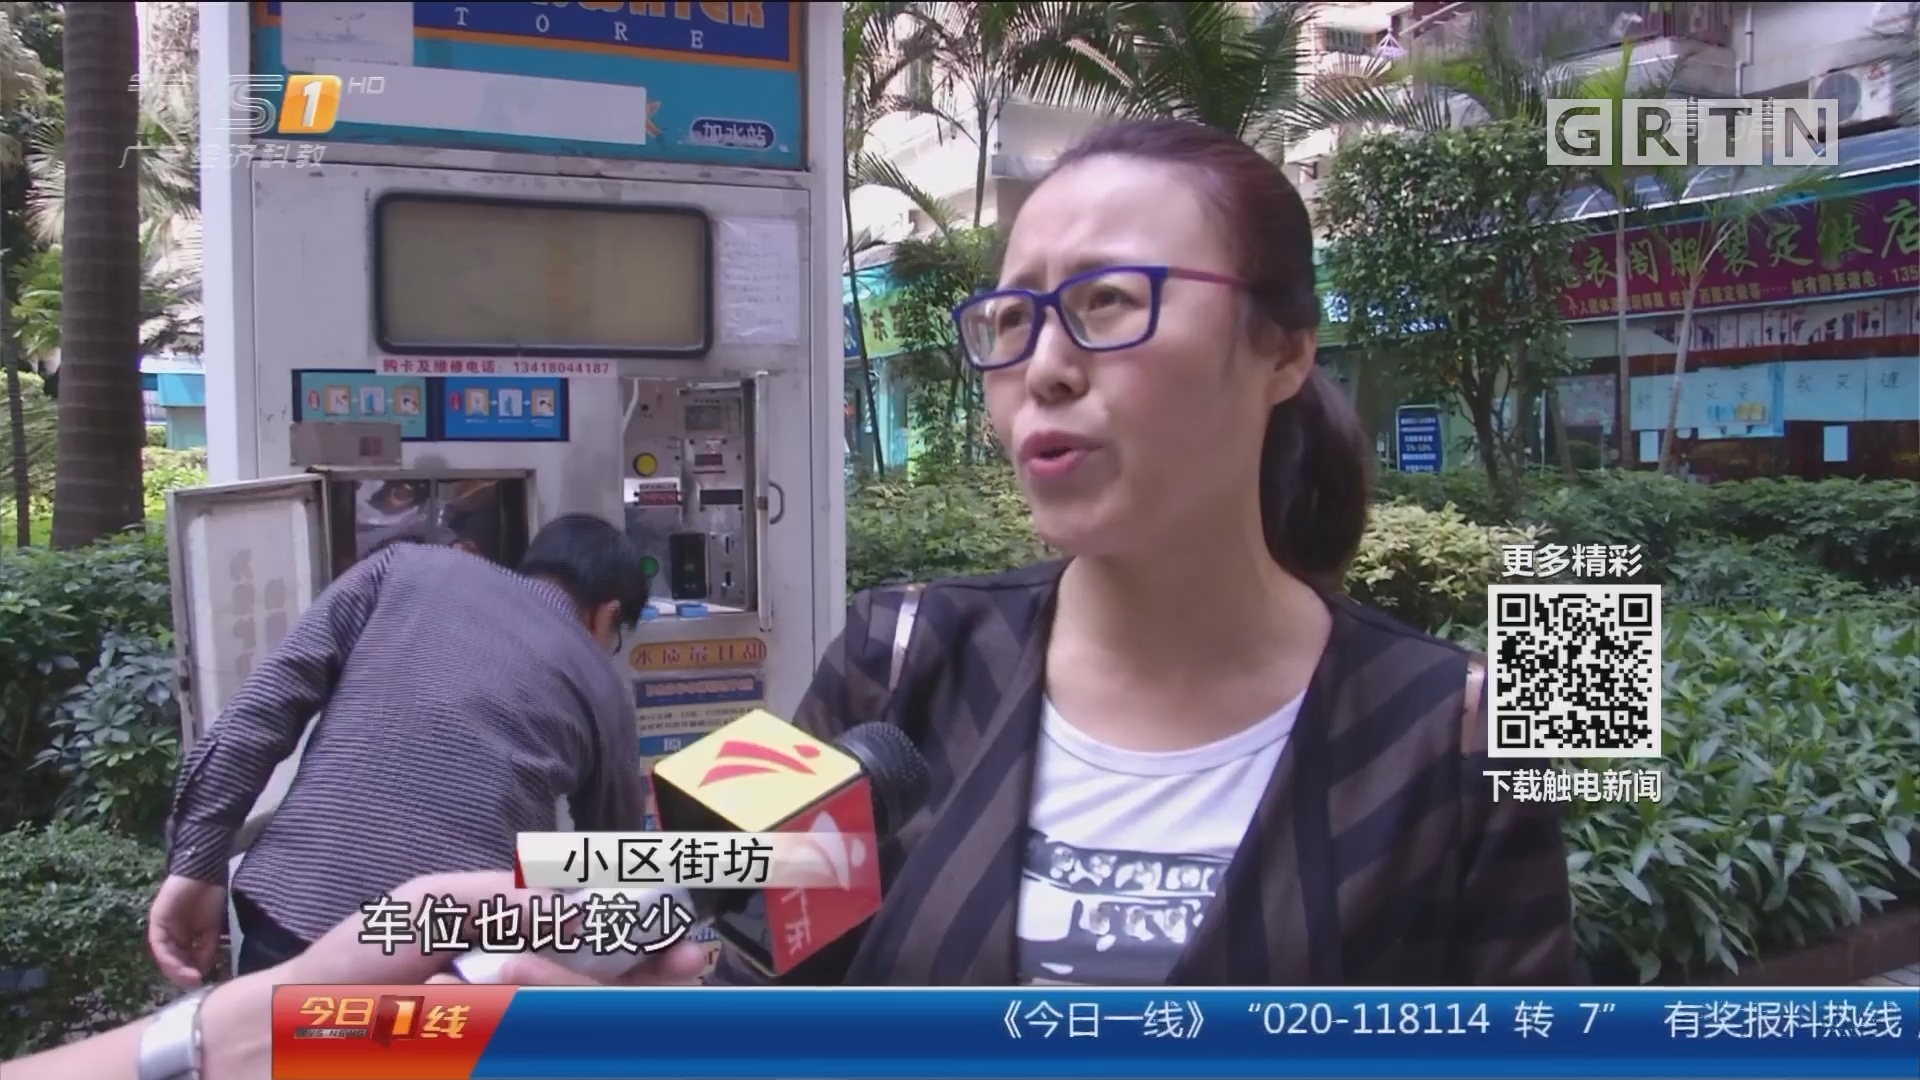 广州海珠区:消防通道被阻 众街坊徒手抬车